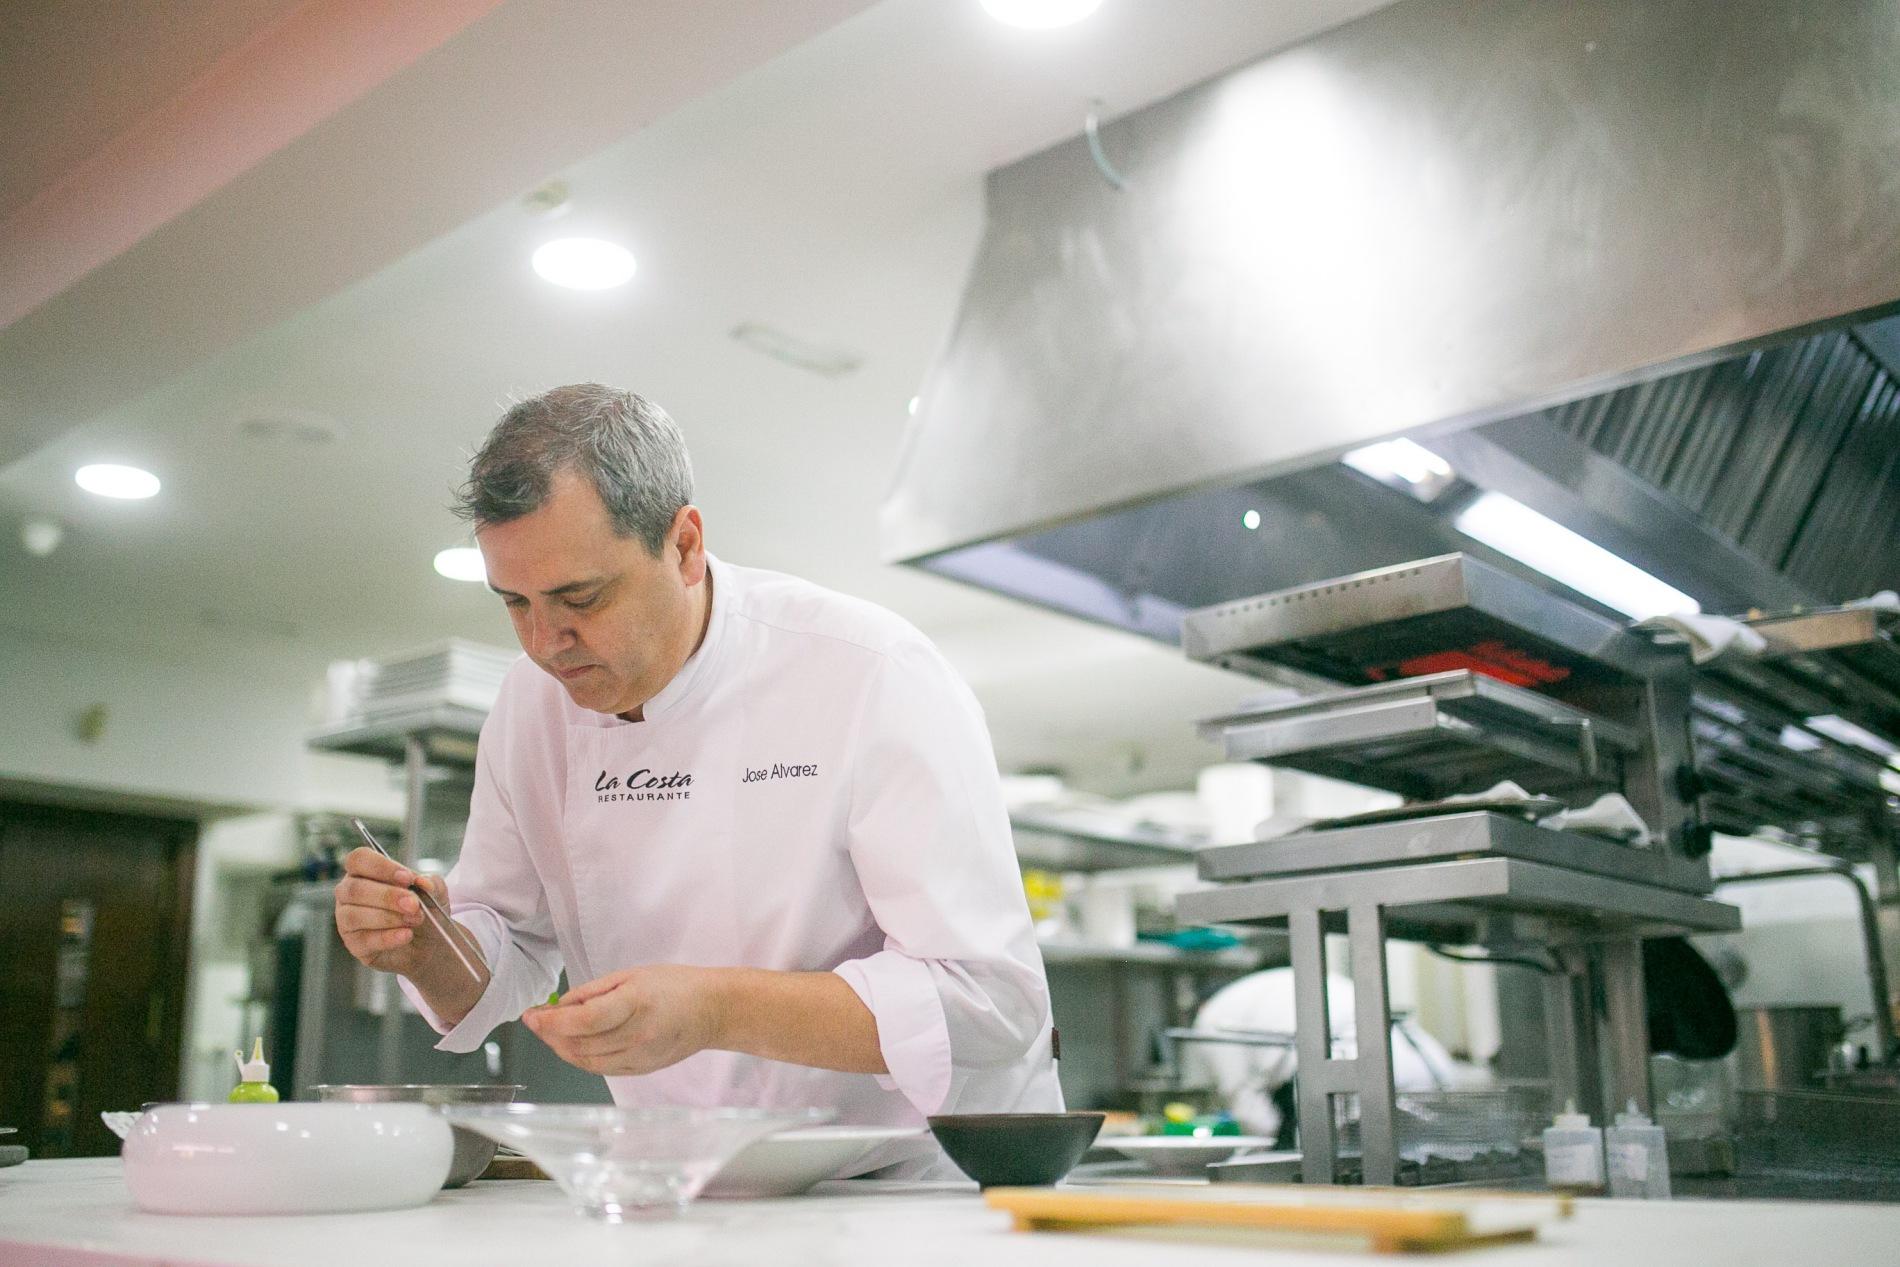 José Álvarez es todo un veterano en la cocina almeriense. Foto: Javier Lozano / Maquinaria Creativos.